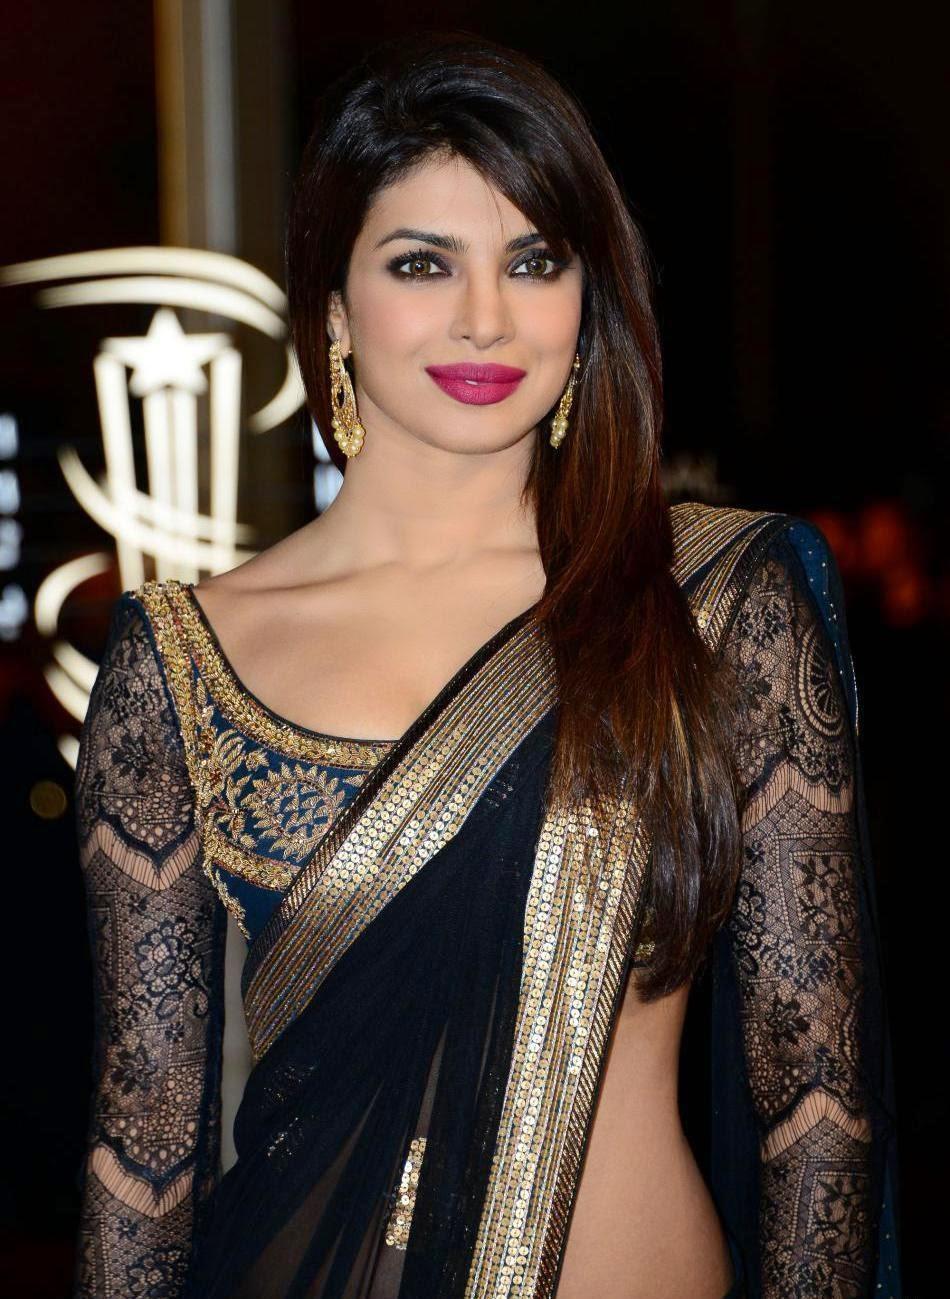 Priyanka Chopra Amp Ileana Hot Photos In Saree At Marrakech